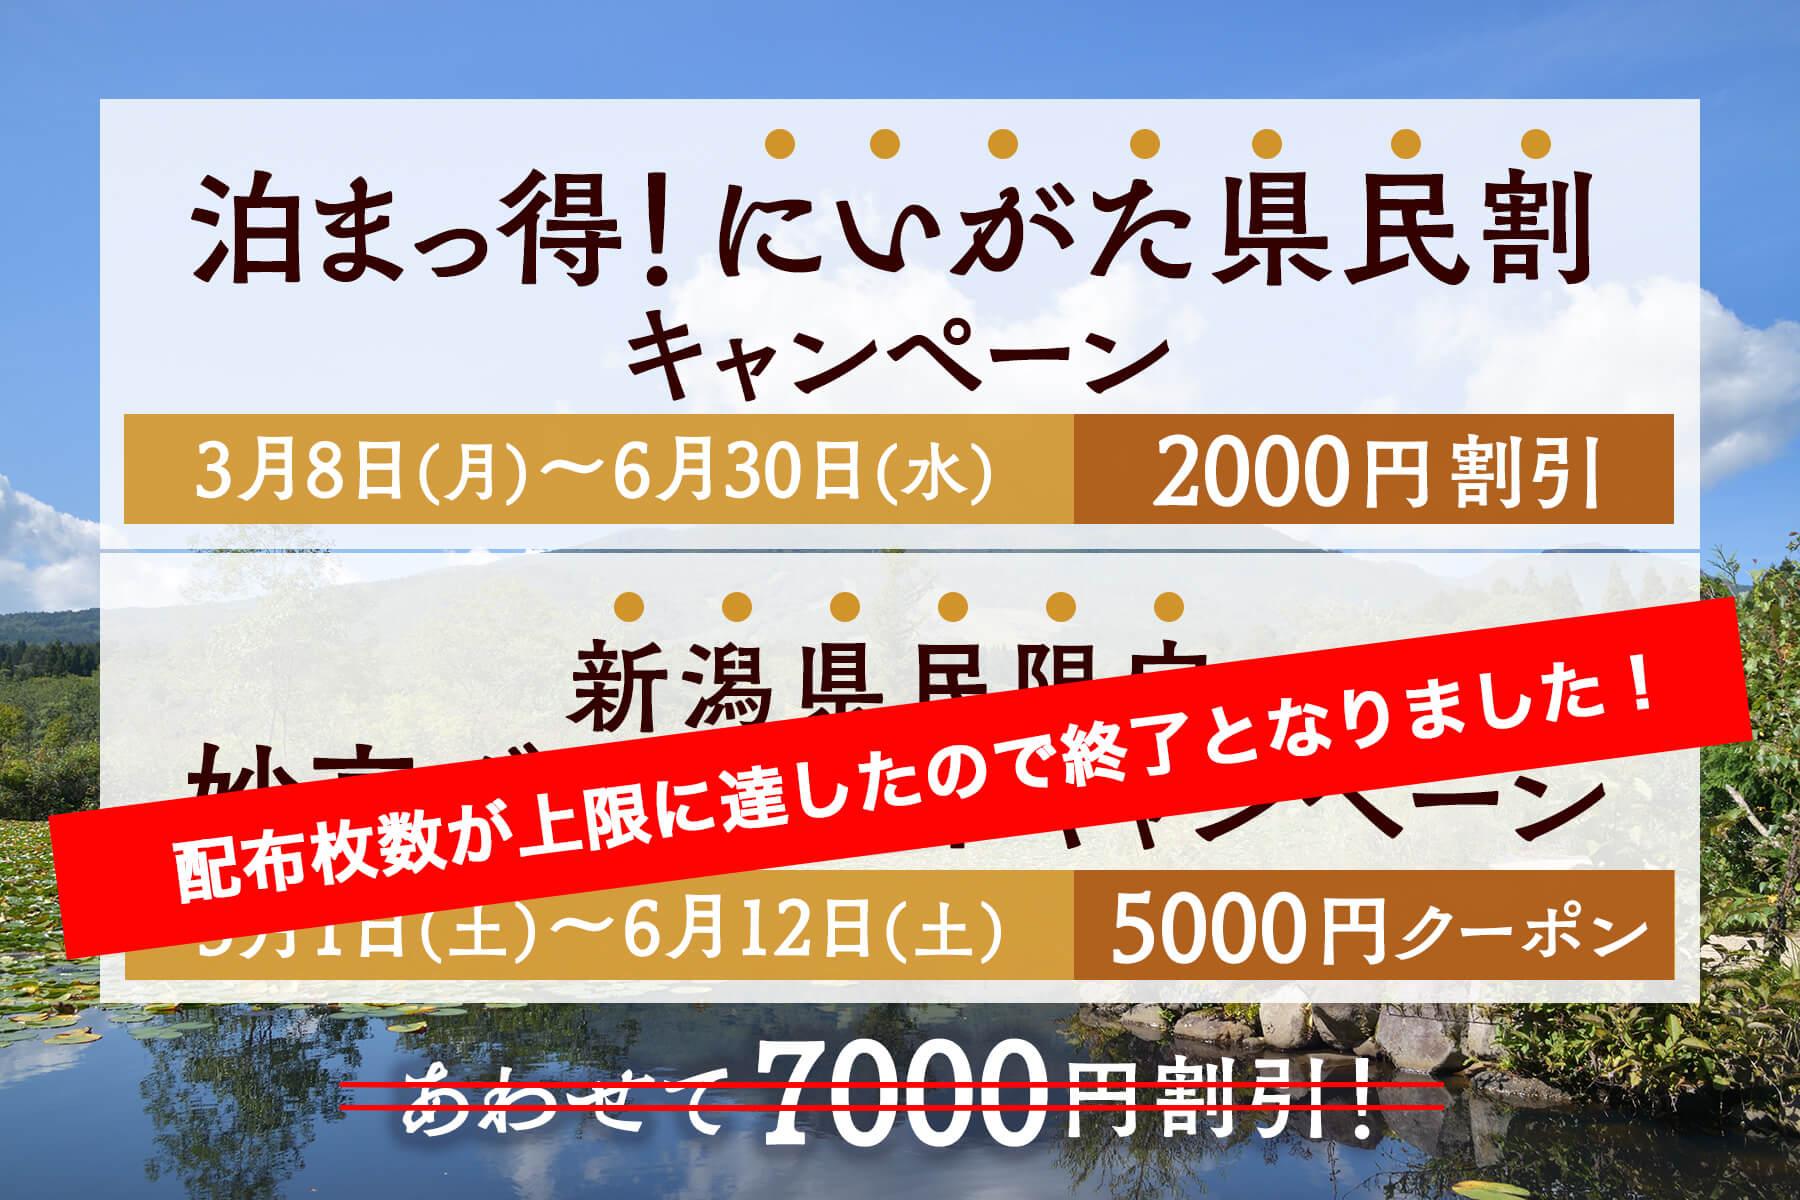 新潟県民は2つのお得なキャンペーンで7000円割引!